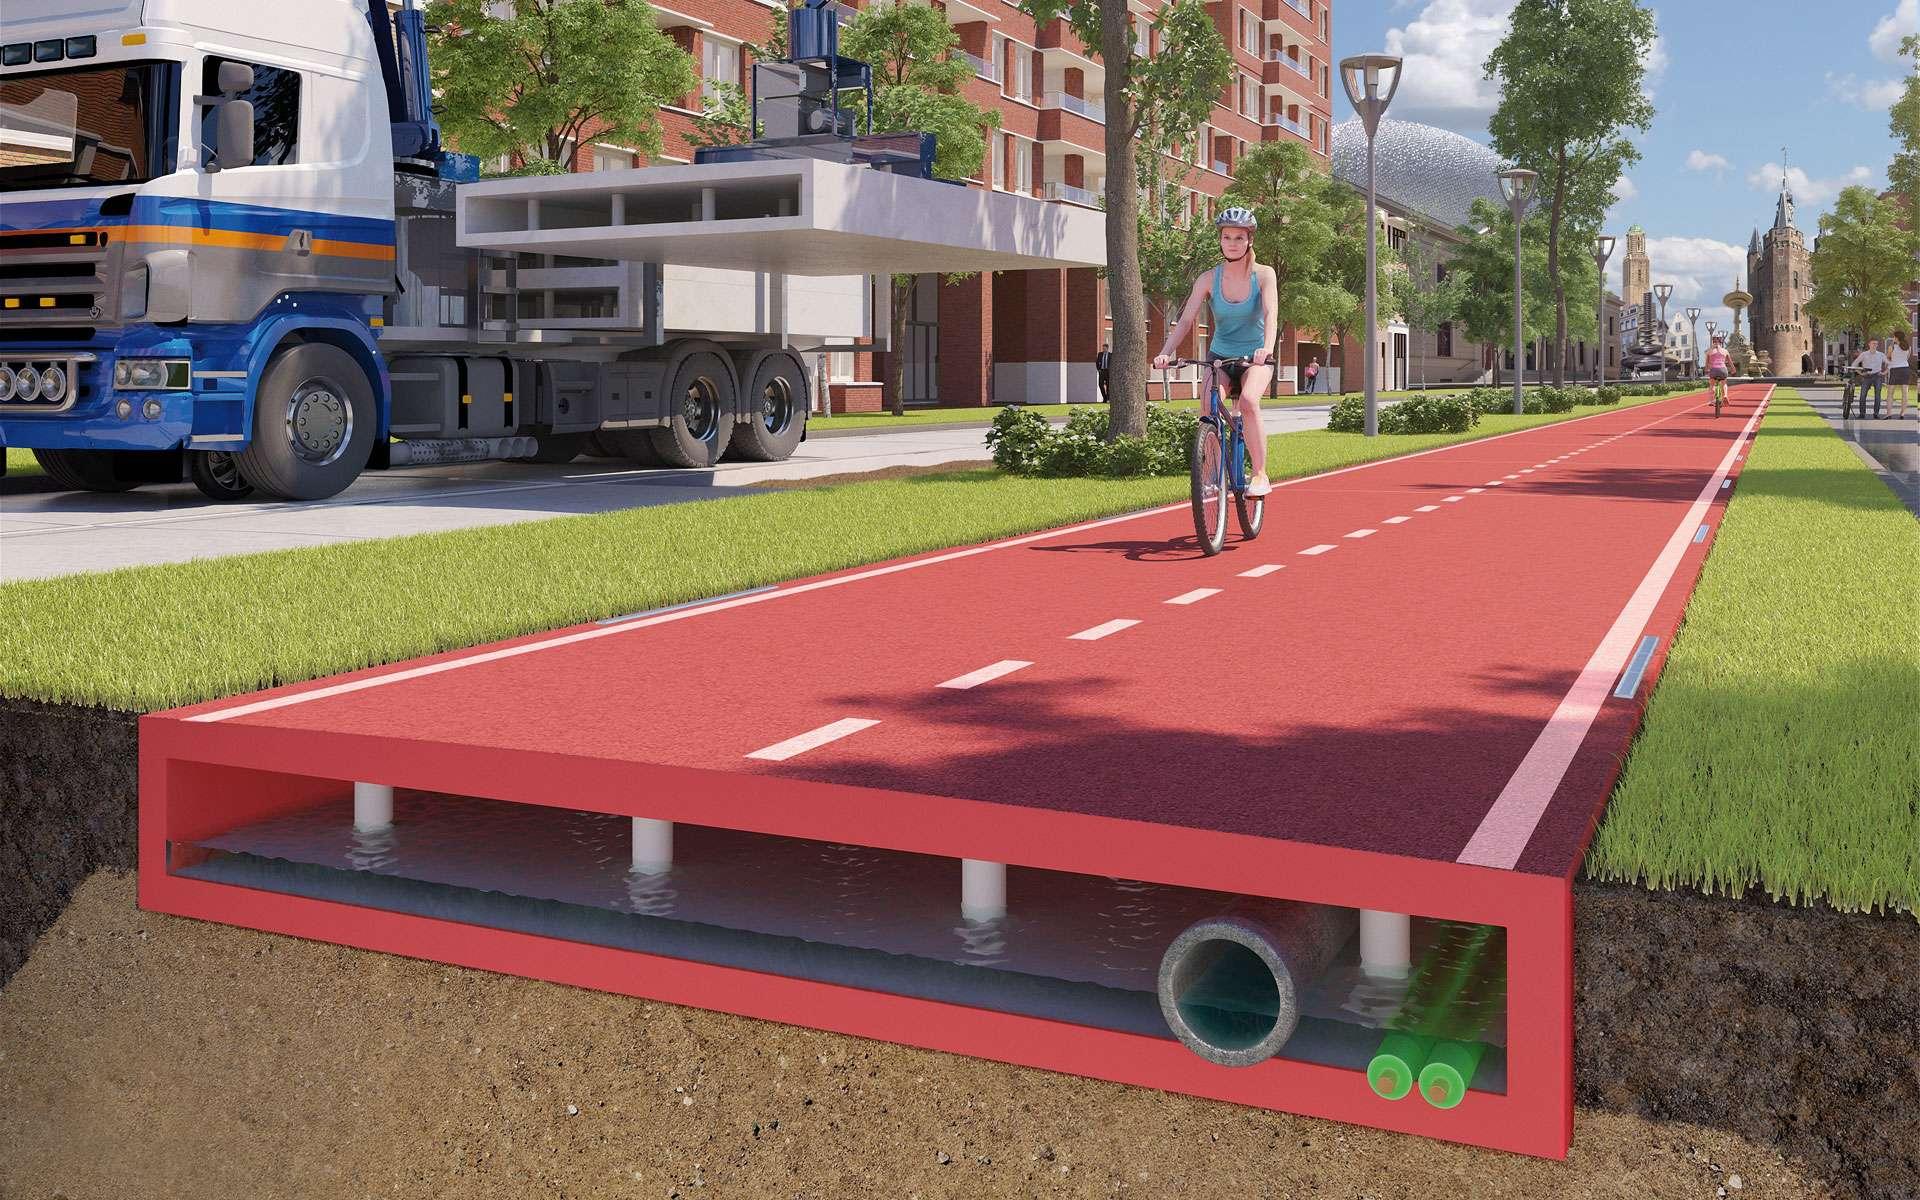 La piste cyclable PlasticRoad est constituée à 70 % de plastique recyclé. © PlasticRoad